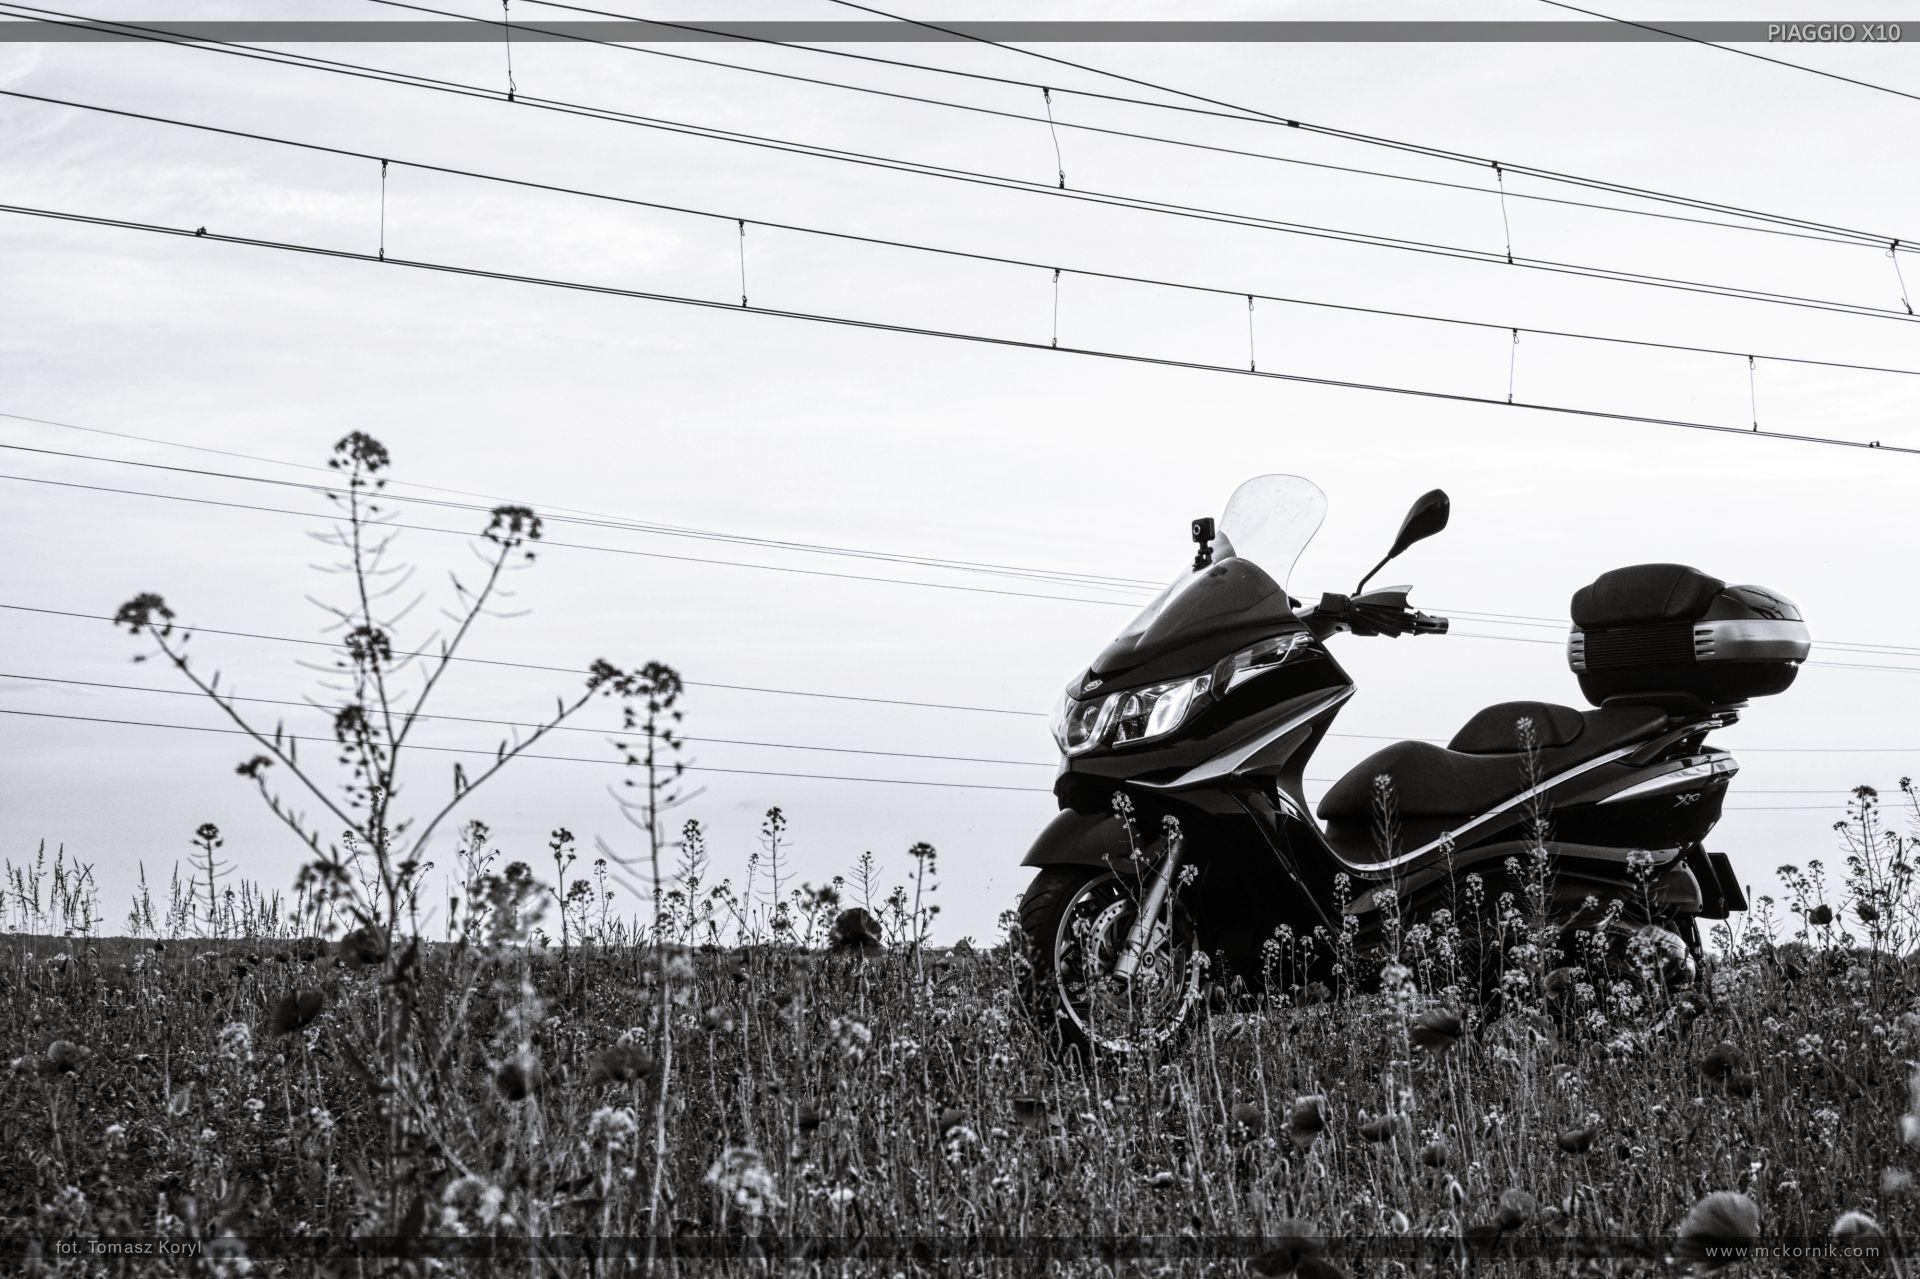 Black and white photo of maxi scooter piaggio x10 - mckornik.com